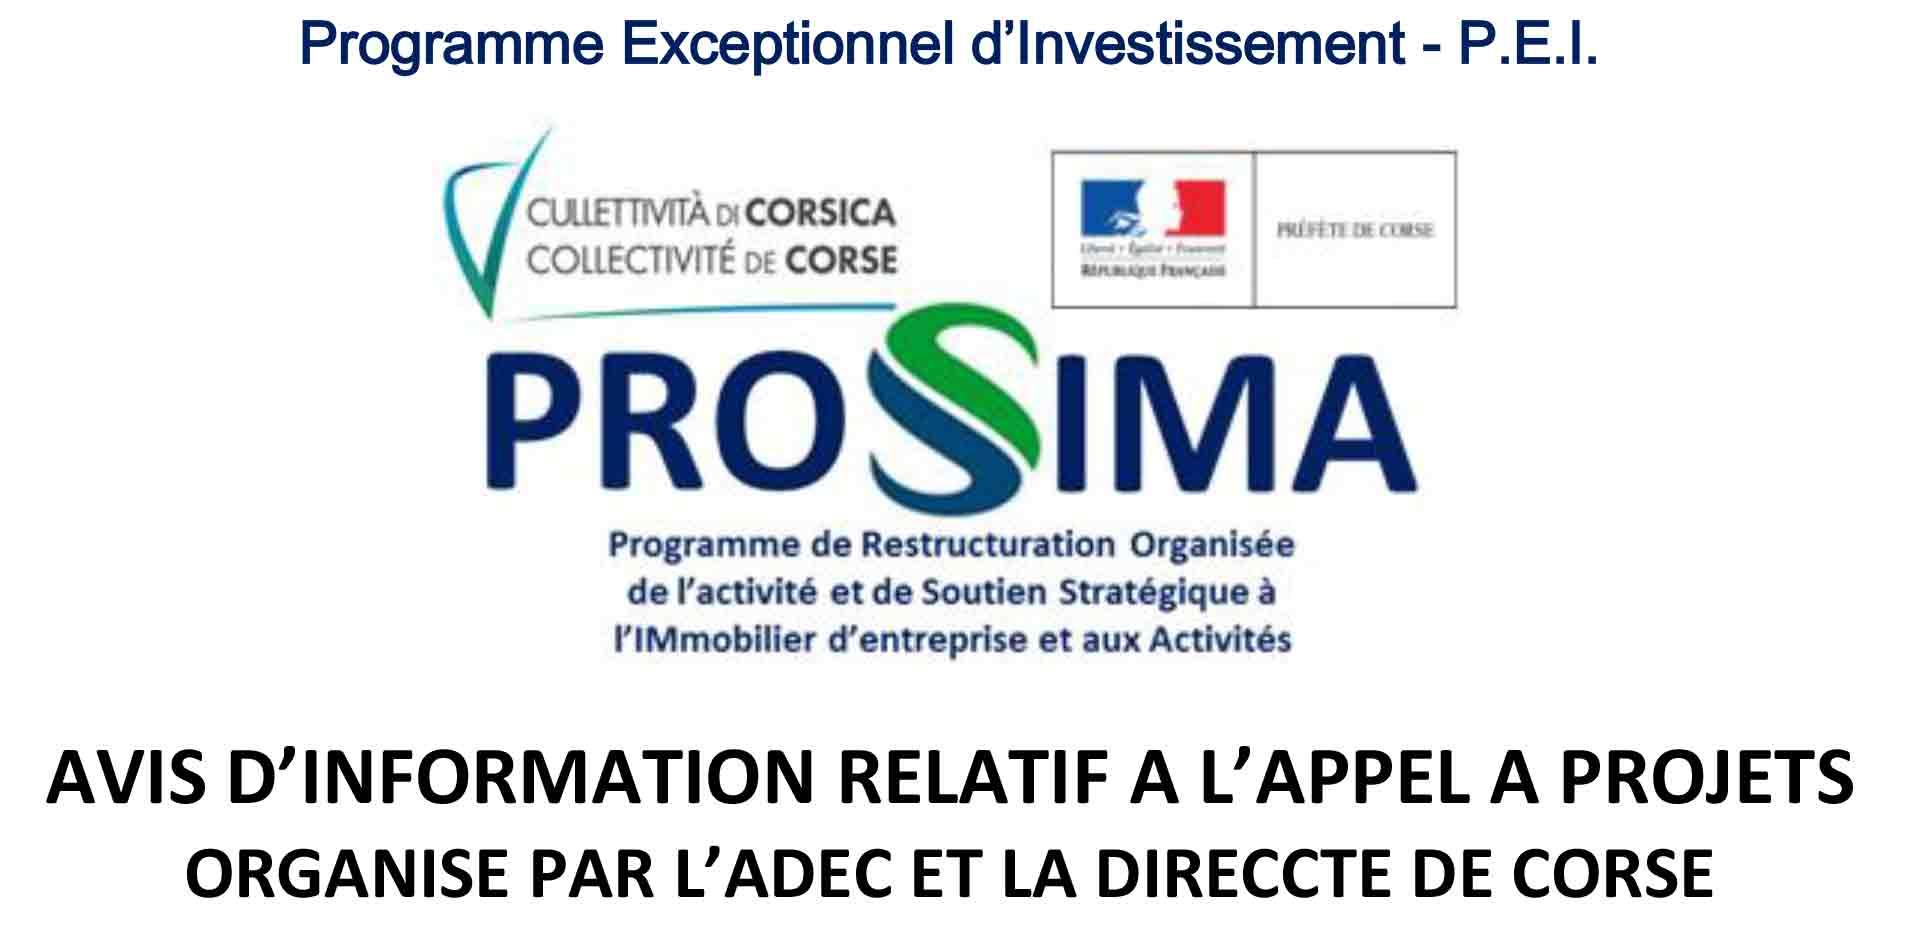 PROSSIMA - avis d'information relatif à l'appel à projets organisé par l'ADEC et la DIRECCTE de Corse